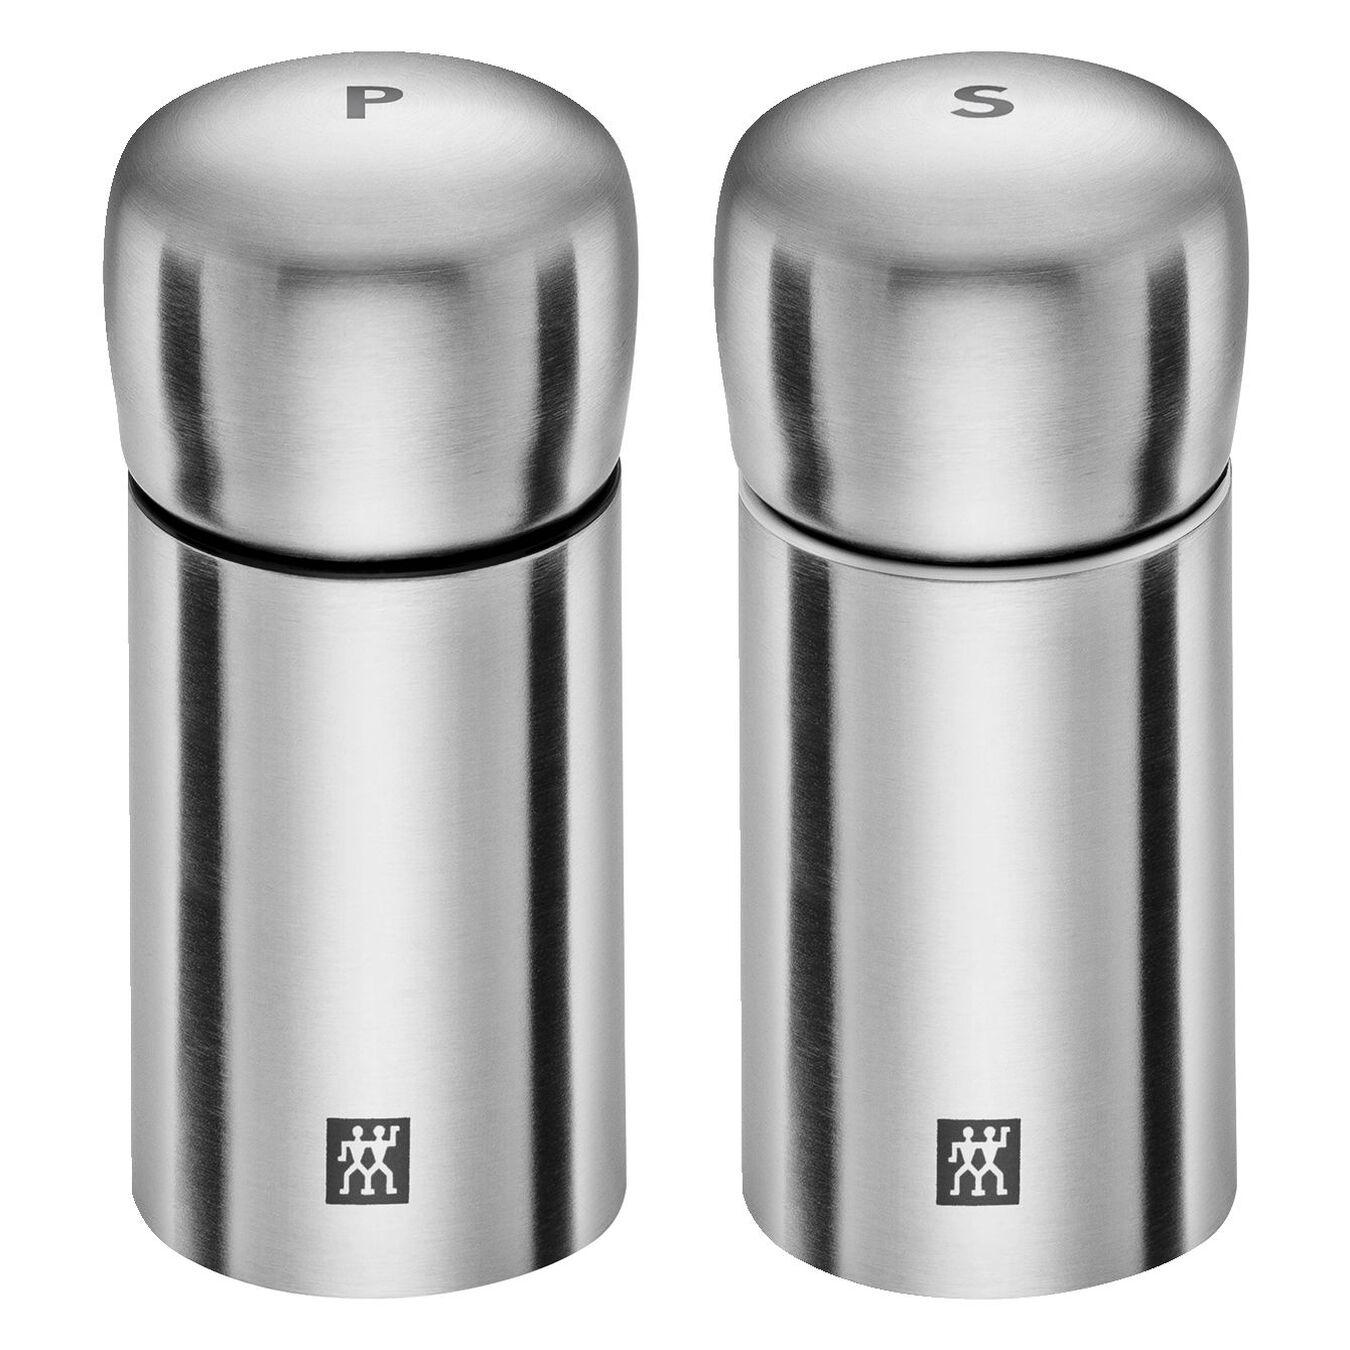 Tuz ve Karabiber Değirmeni, 11 cm | Metalik Gri | Paslanmaz Çelik | Paslanmaz Çelik,,large 1